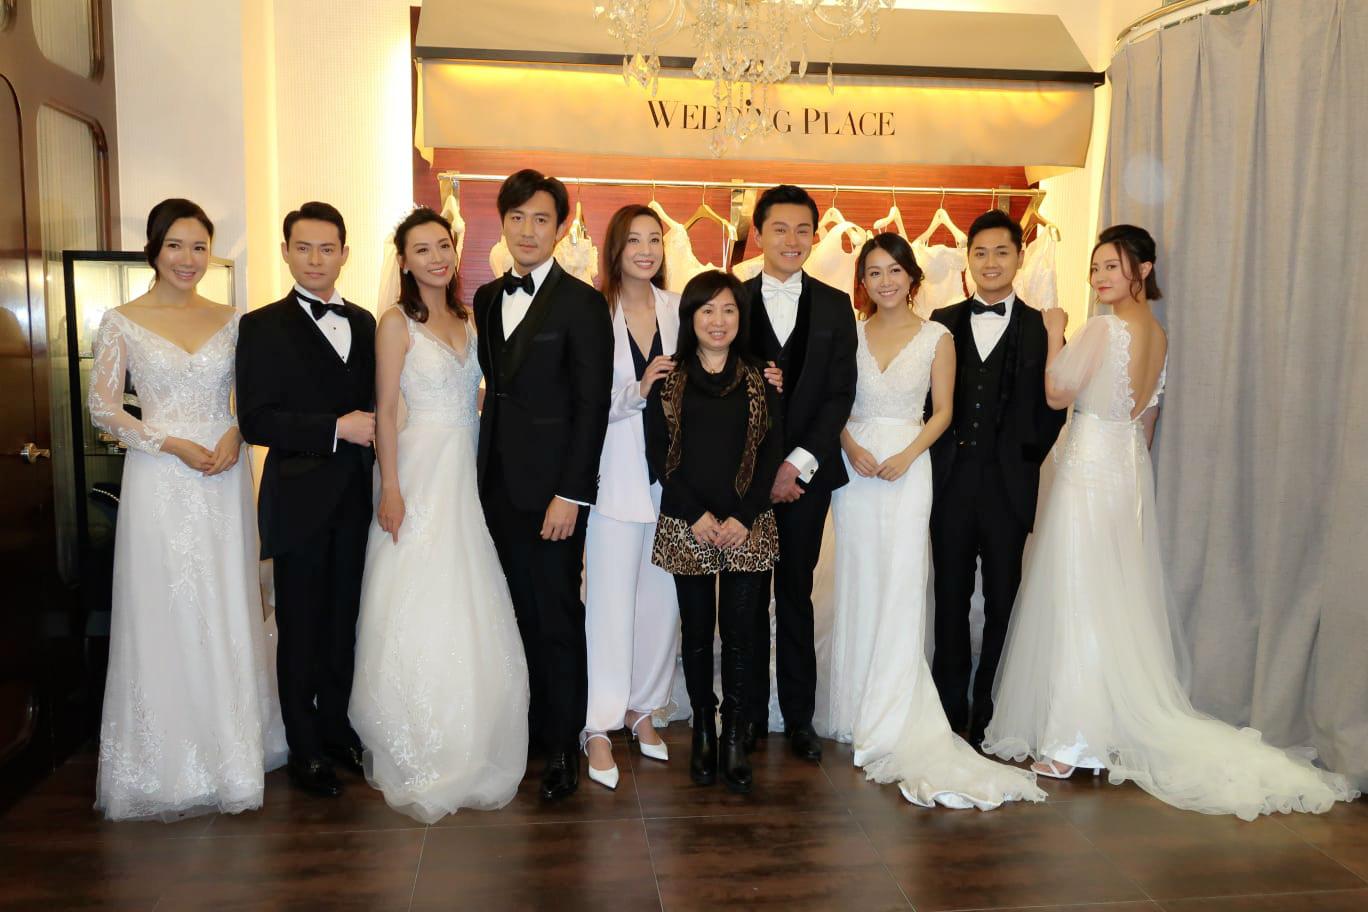 陳煒聯同黃浩然、黃心穎、朱晨麗等拍攝《法證先鋒IV》婚紗場景